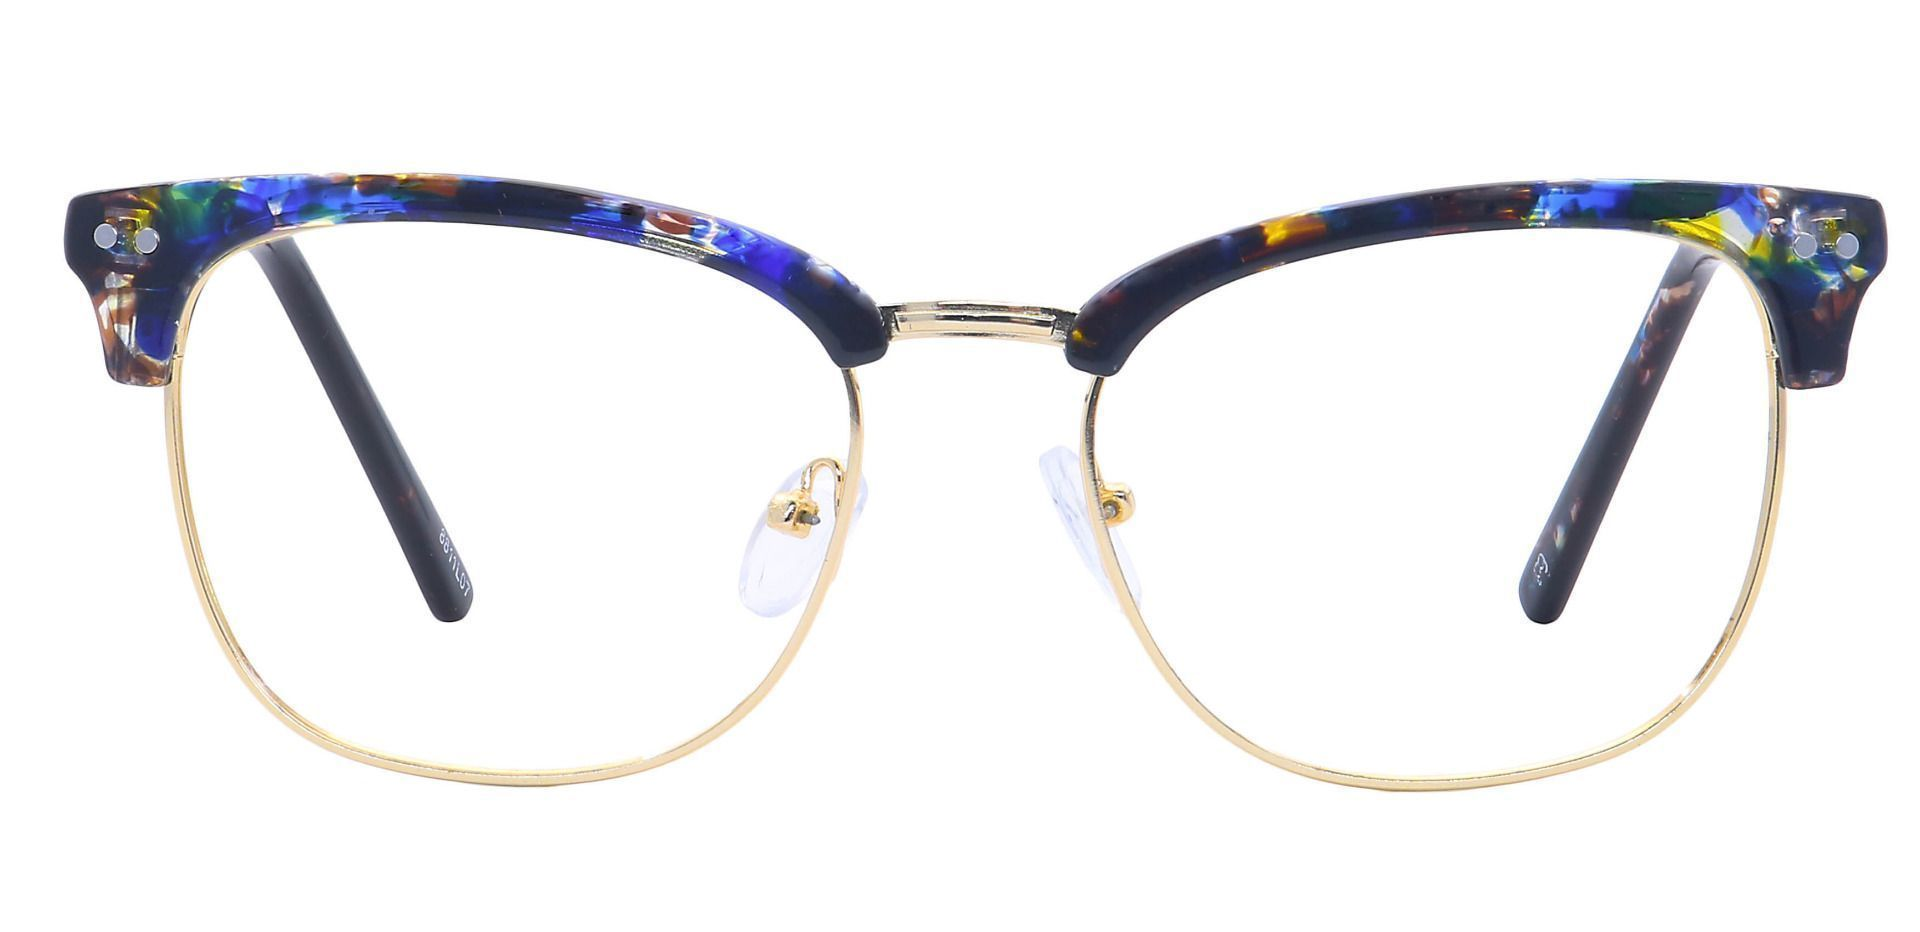 Ceran Browline Eyeglasses Frame - Leopard